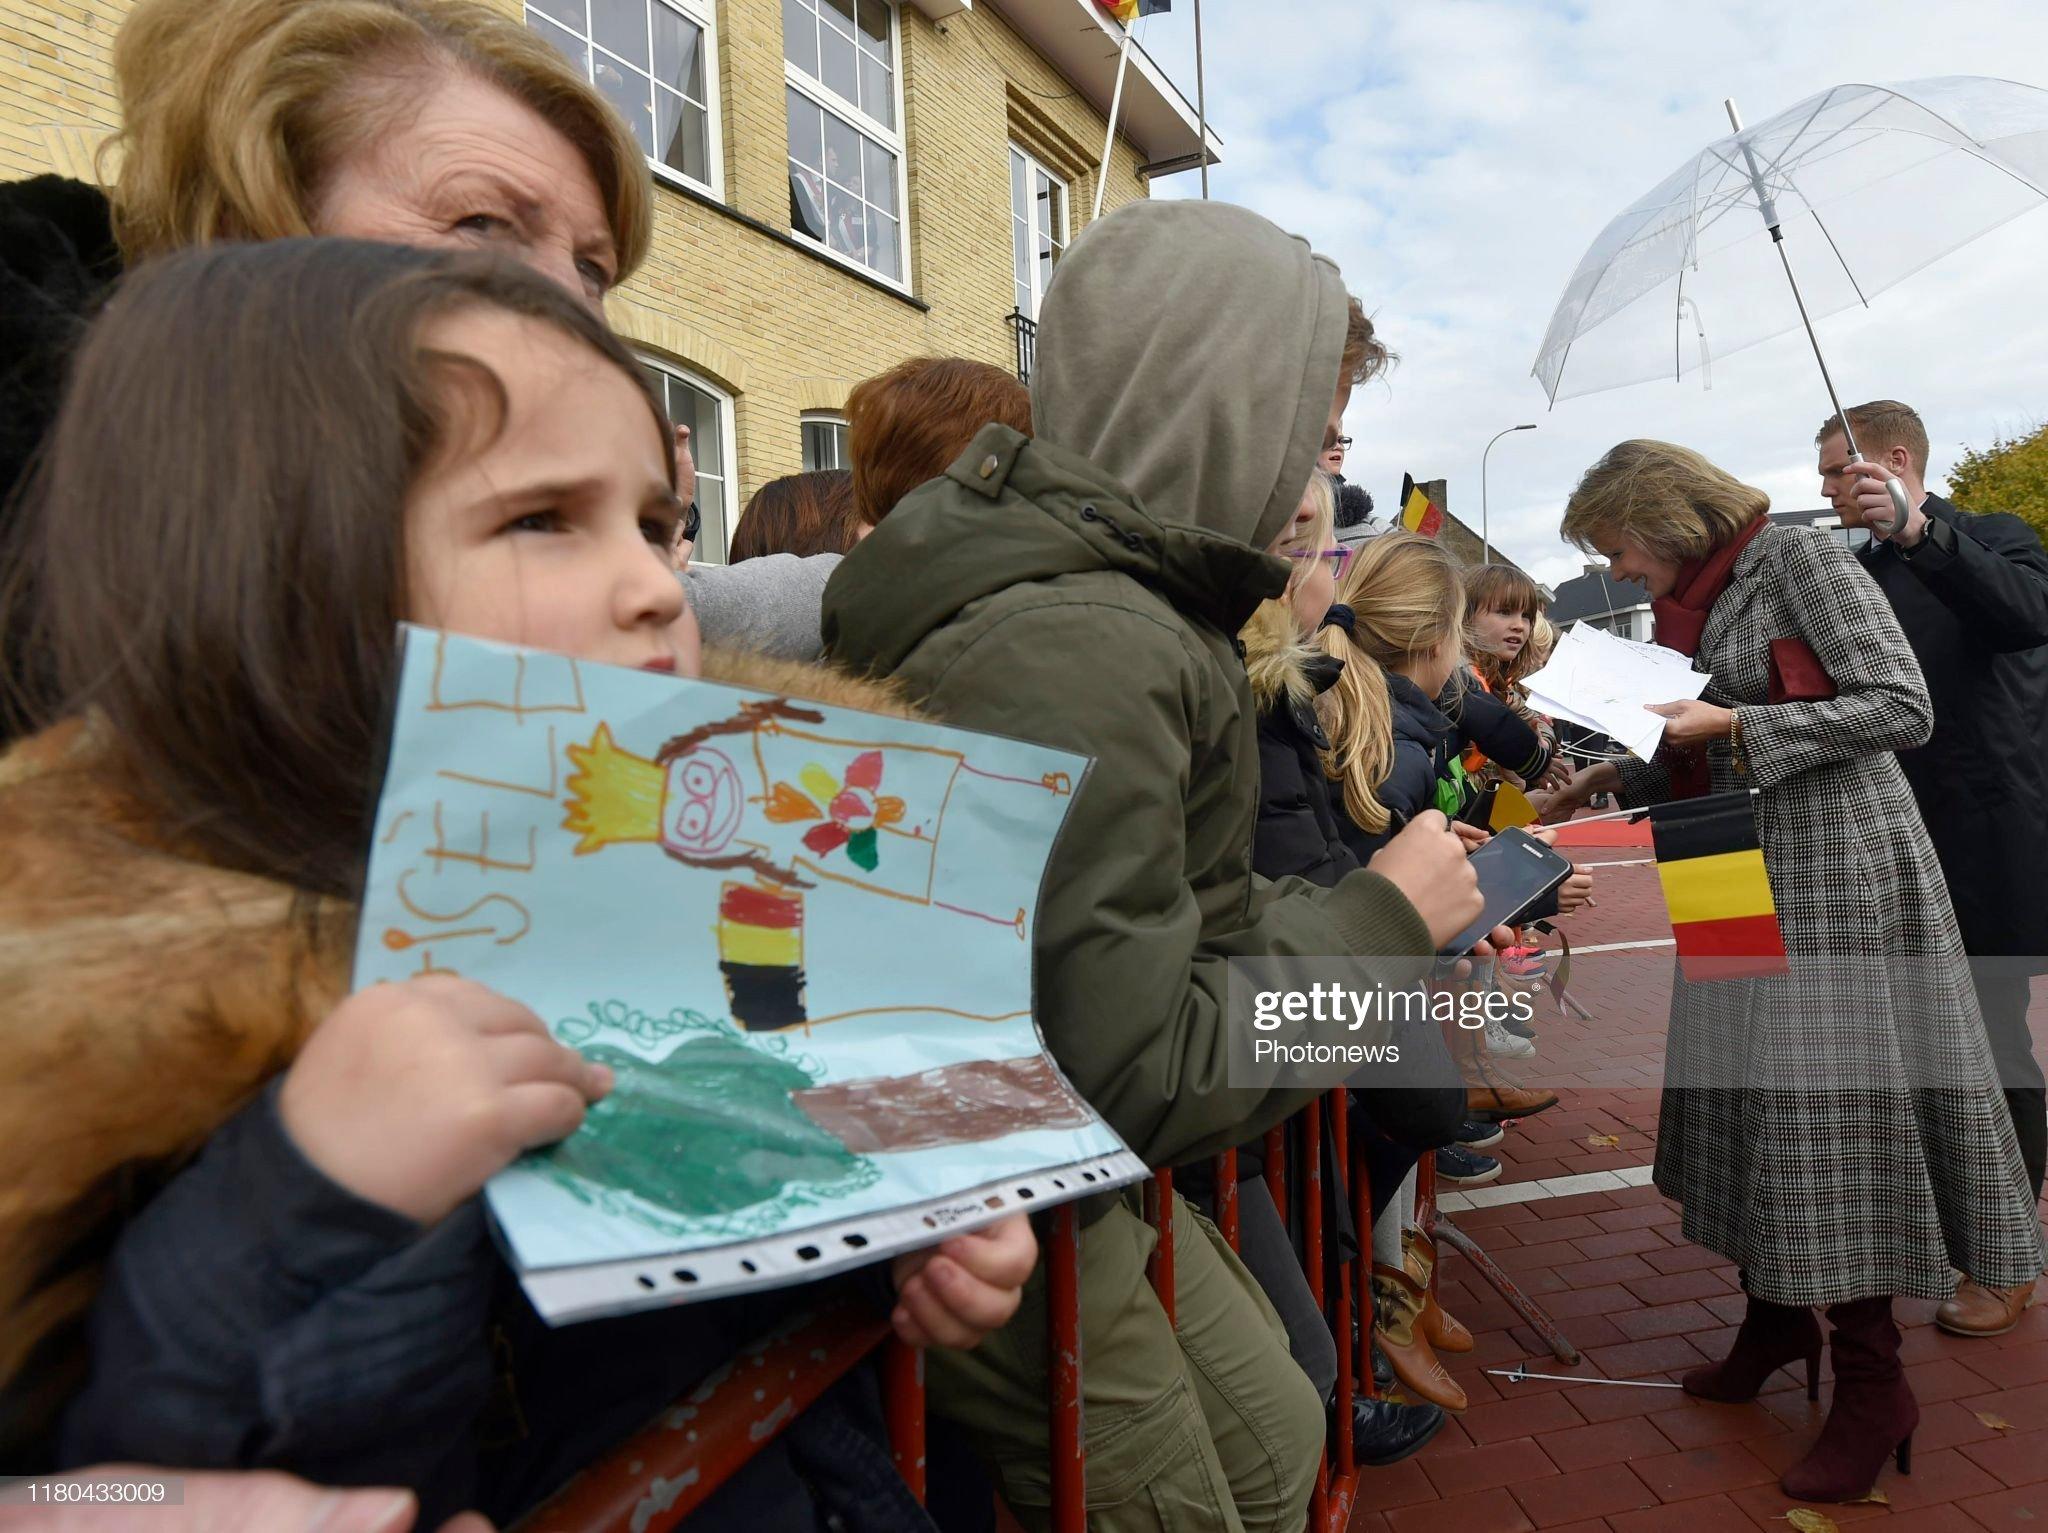 pittem-belgium-november-6-2019-ontmoeting-met-de-bevolking-rencontre-picture-id1180433009